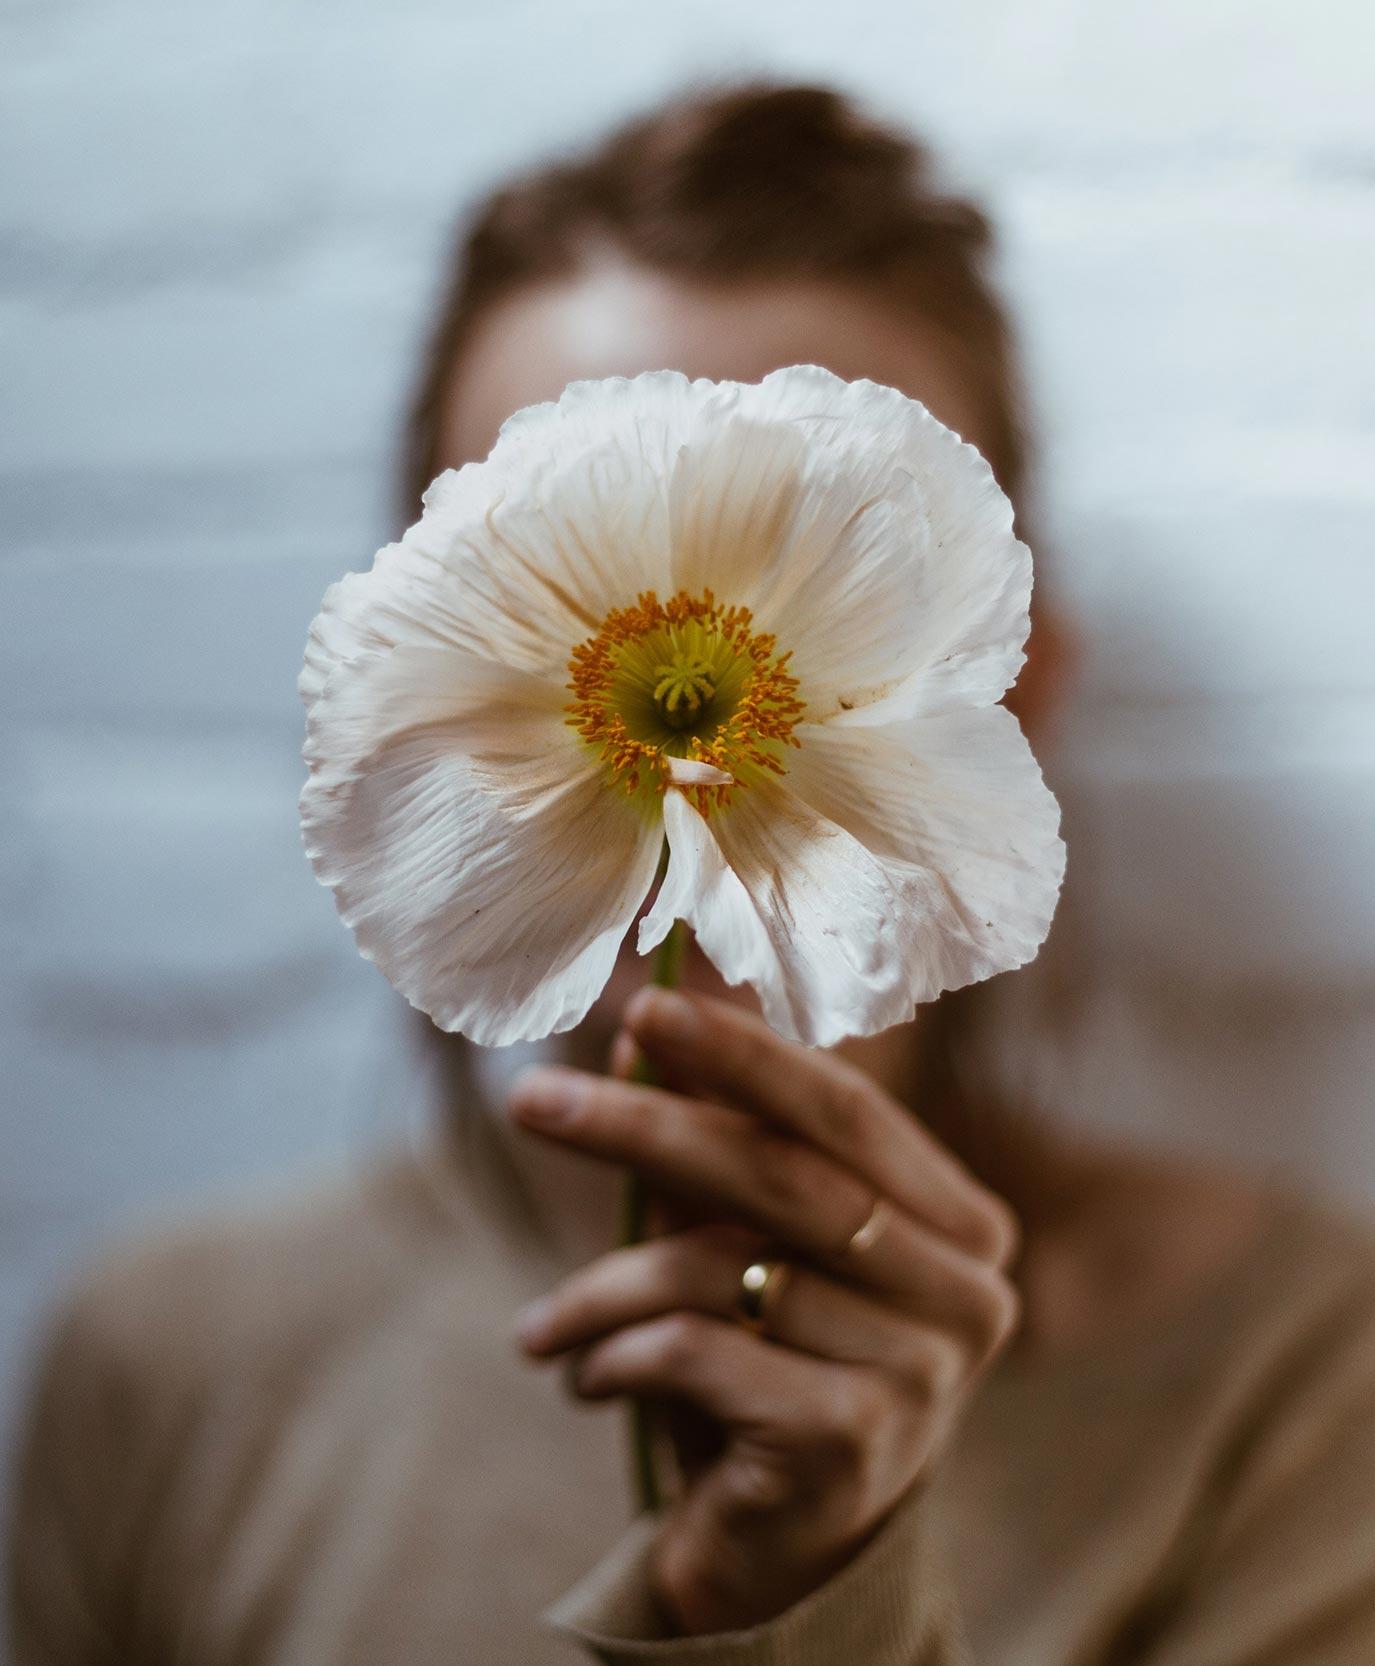 donna con fiore in mano davanti al viso